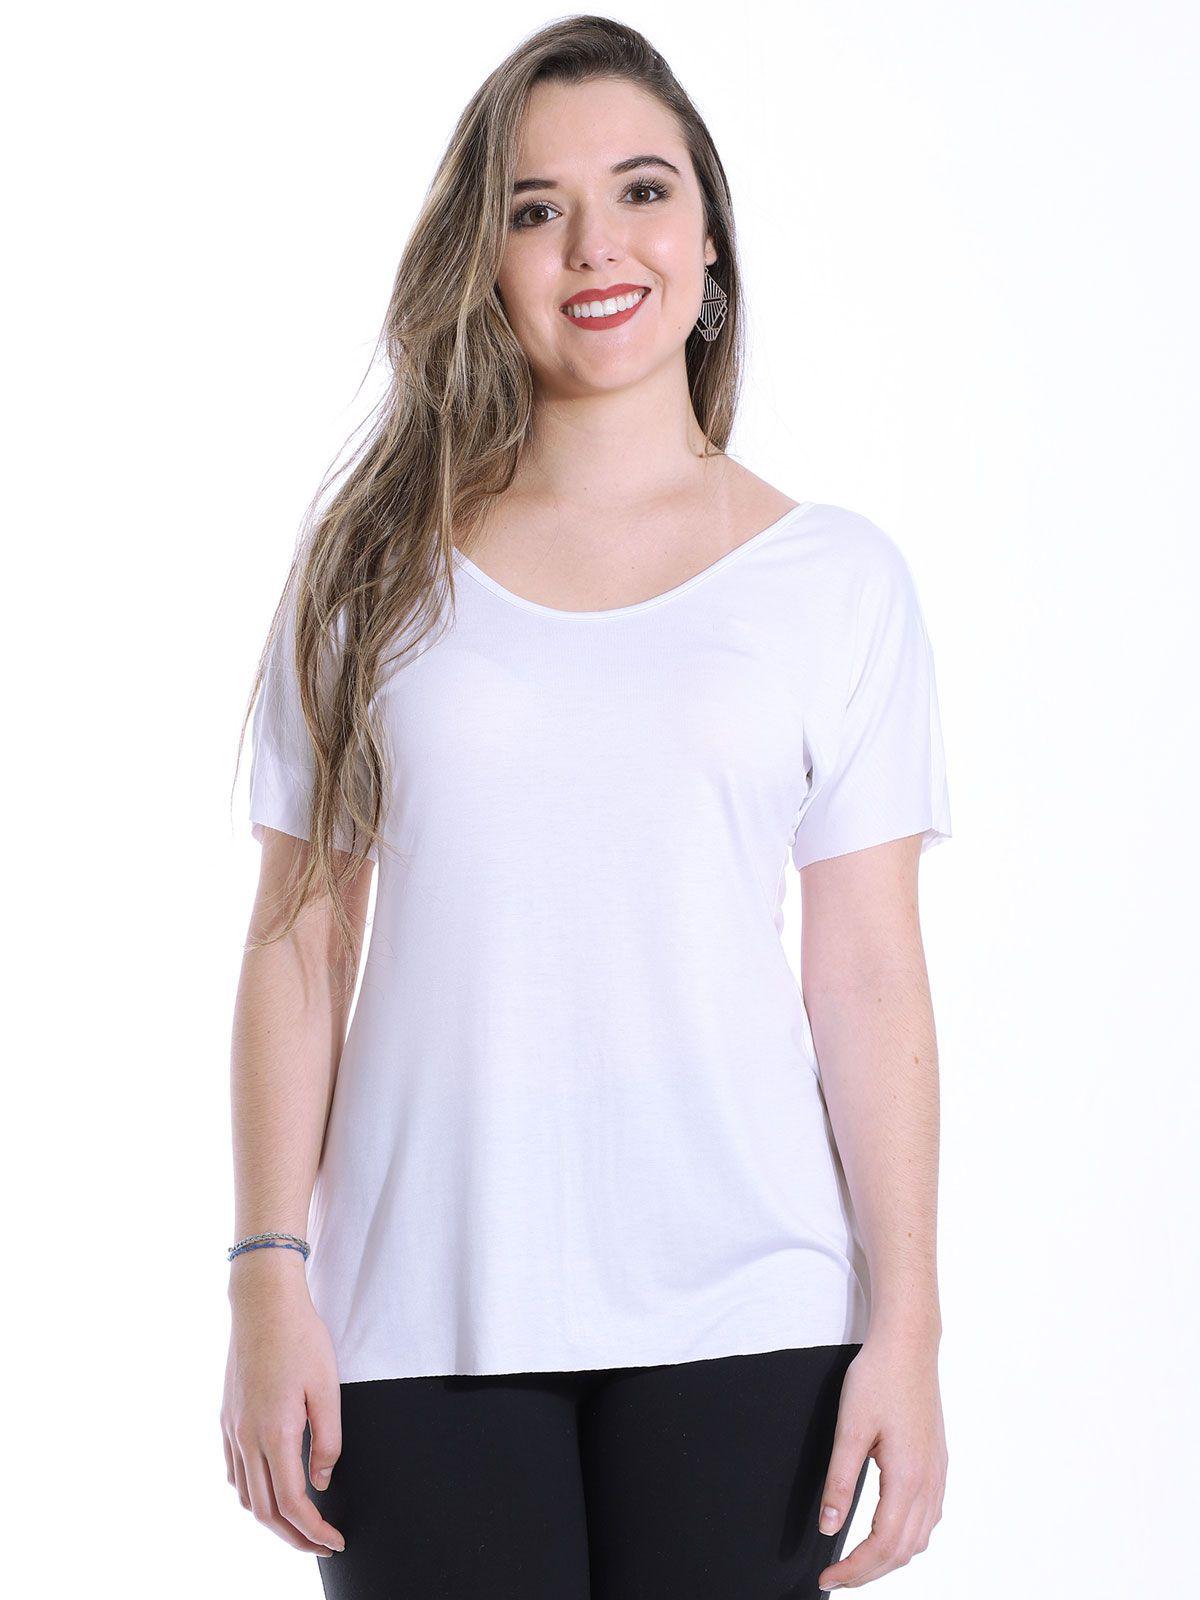 Blusa Anistia Viscolycra Costa com Renda de Guipir Branco